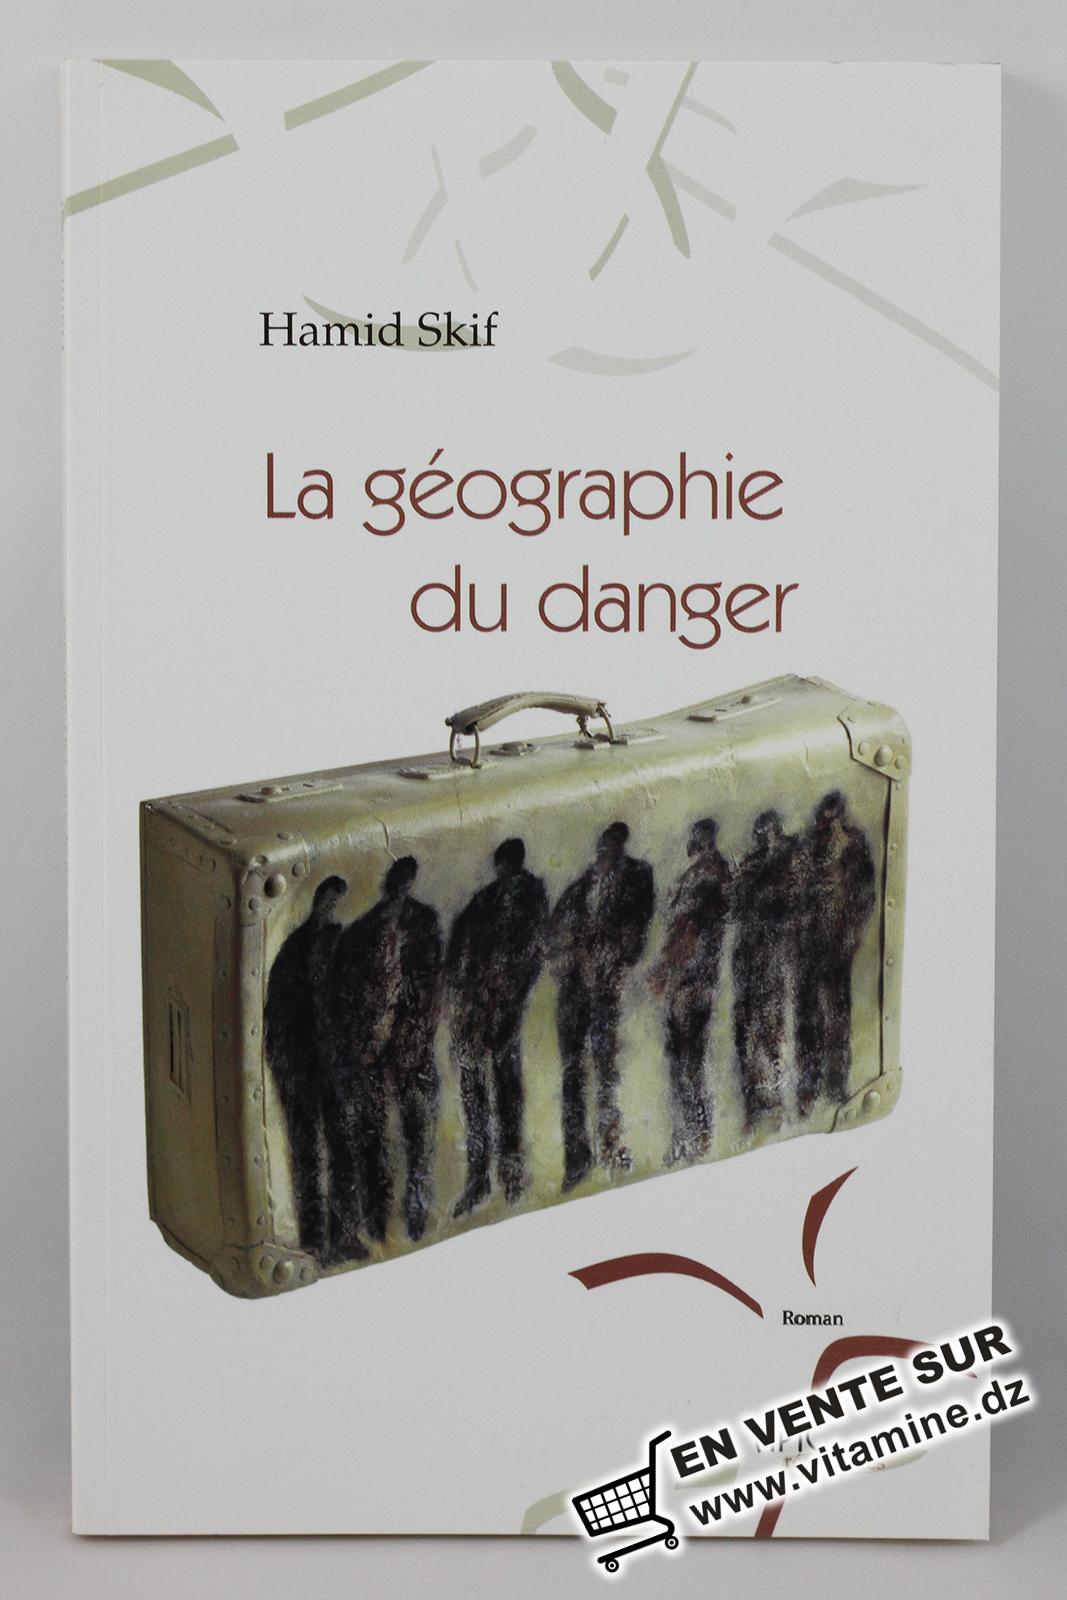 Hamid Skif - La géographie du danger